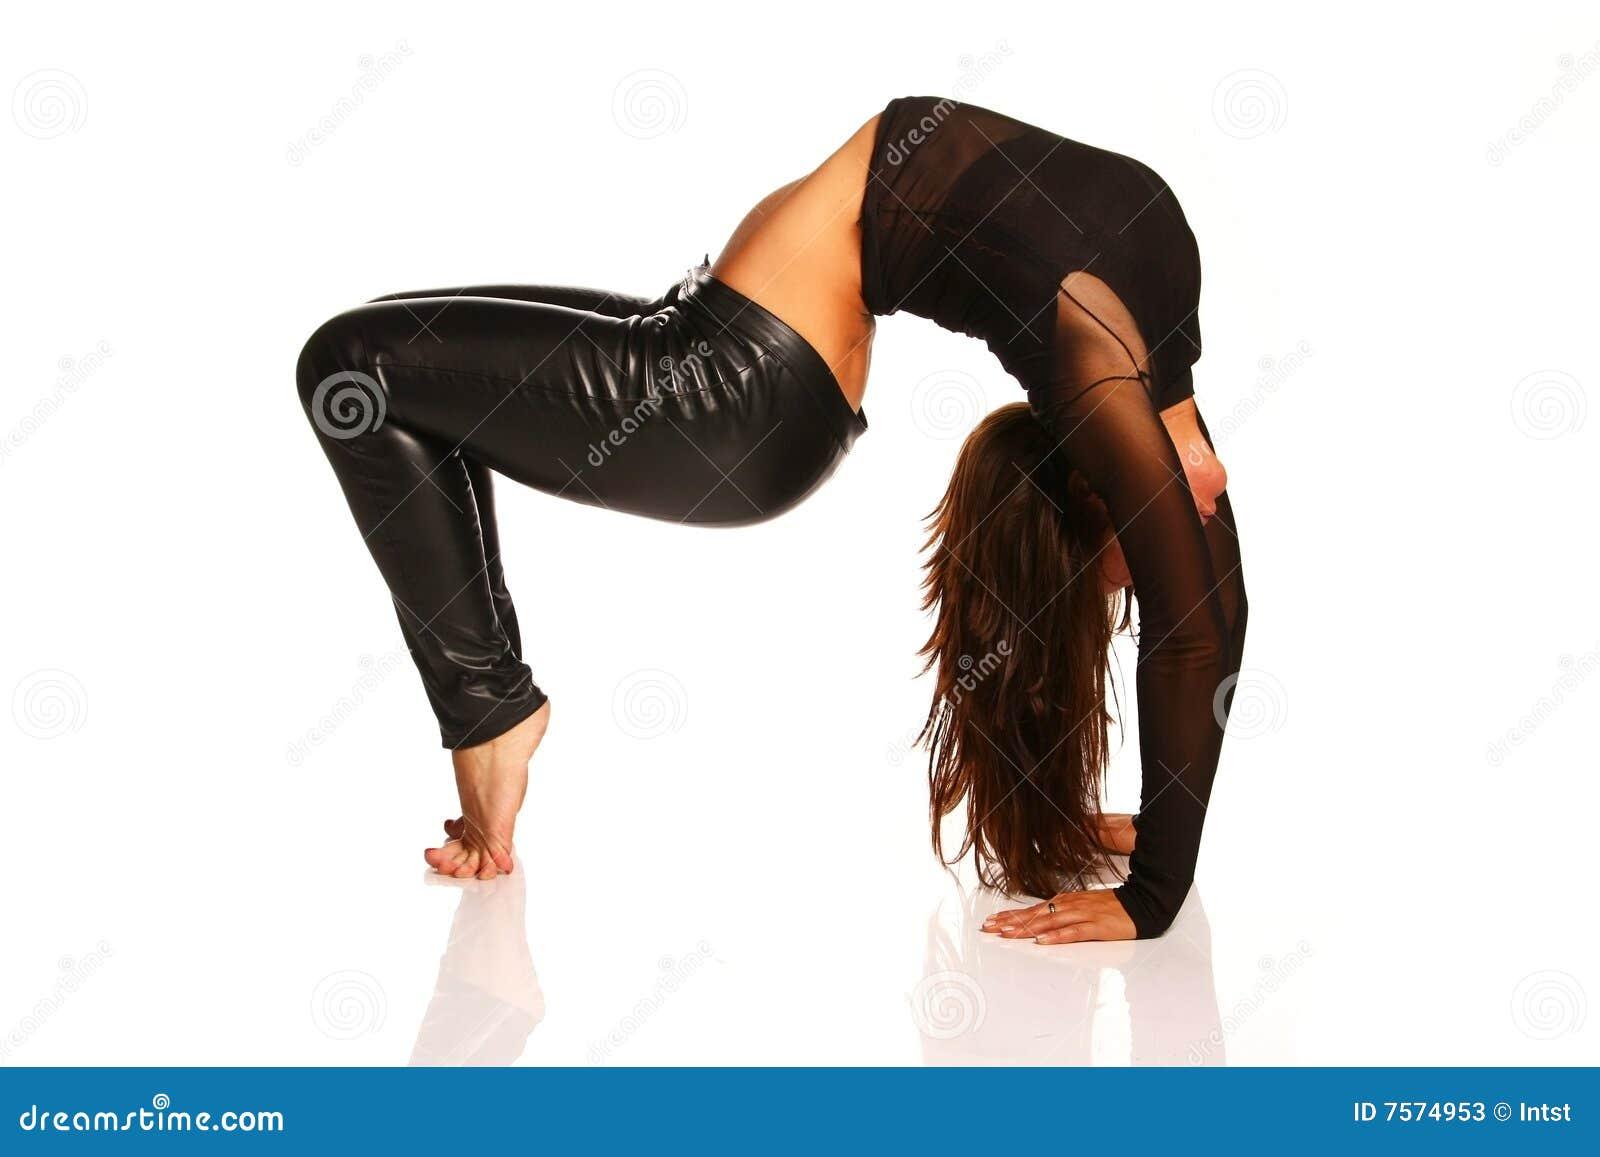 flexible babe